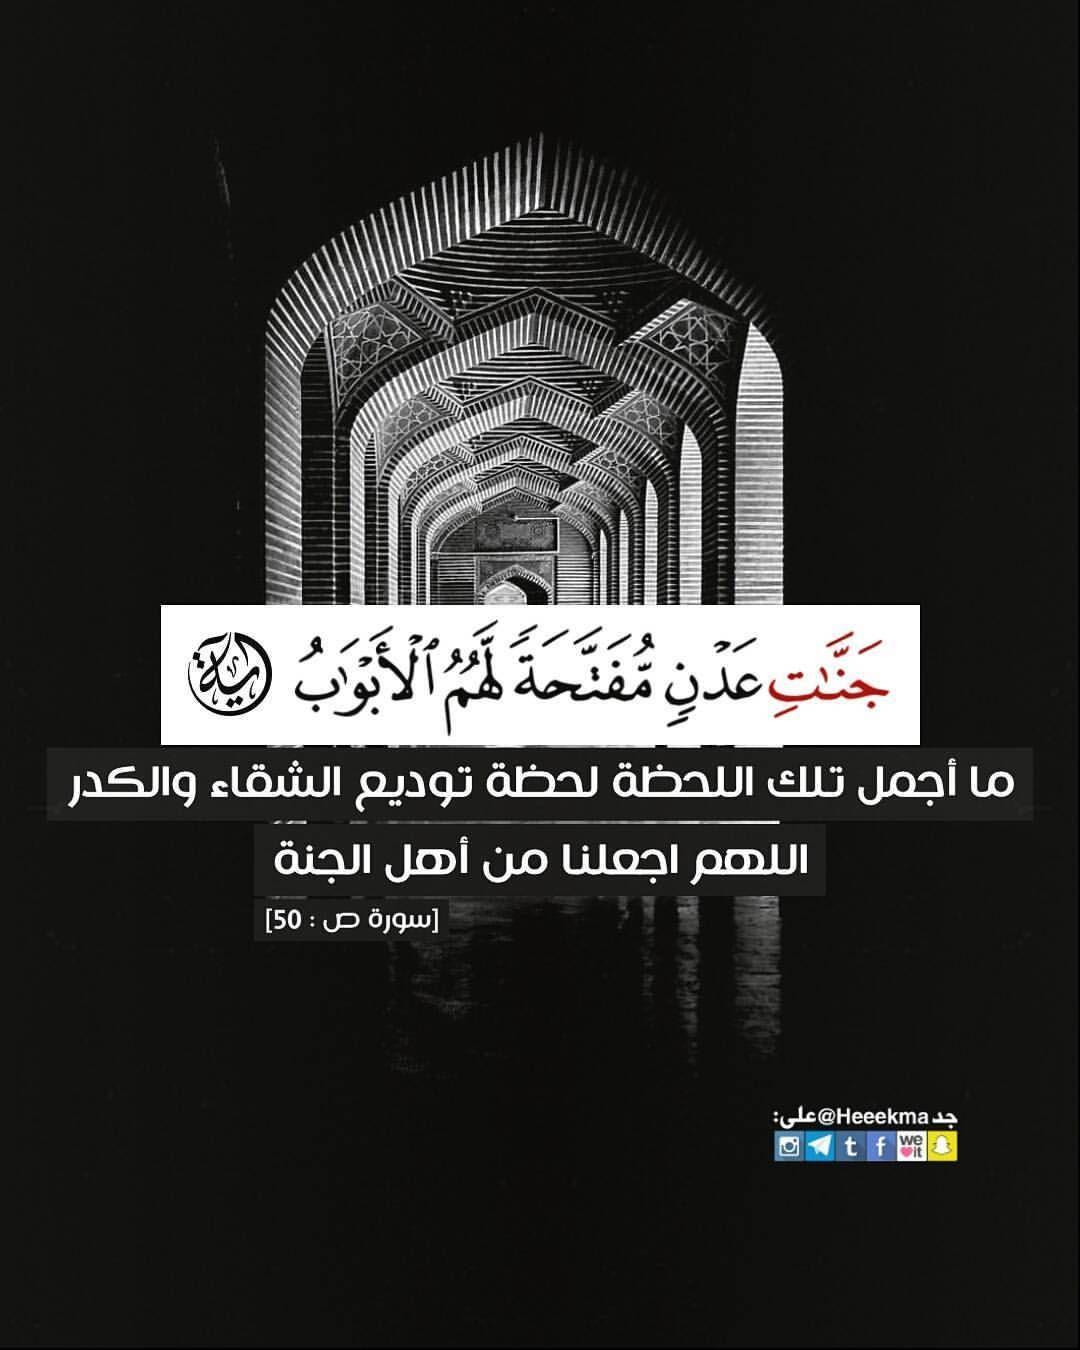 جنات عدن مفتحة لهم الأبواب ما أجمل تلك اللحظة لحظة توديع الشقاء والكدر للأبد اللهم اجعلنا من أهل الجنة Quran Tafseer Islamic Phrases Beautiful Prayers